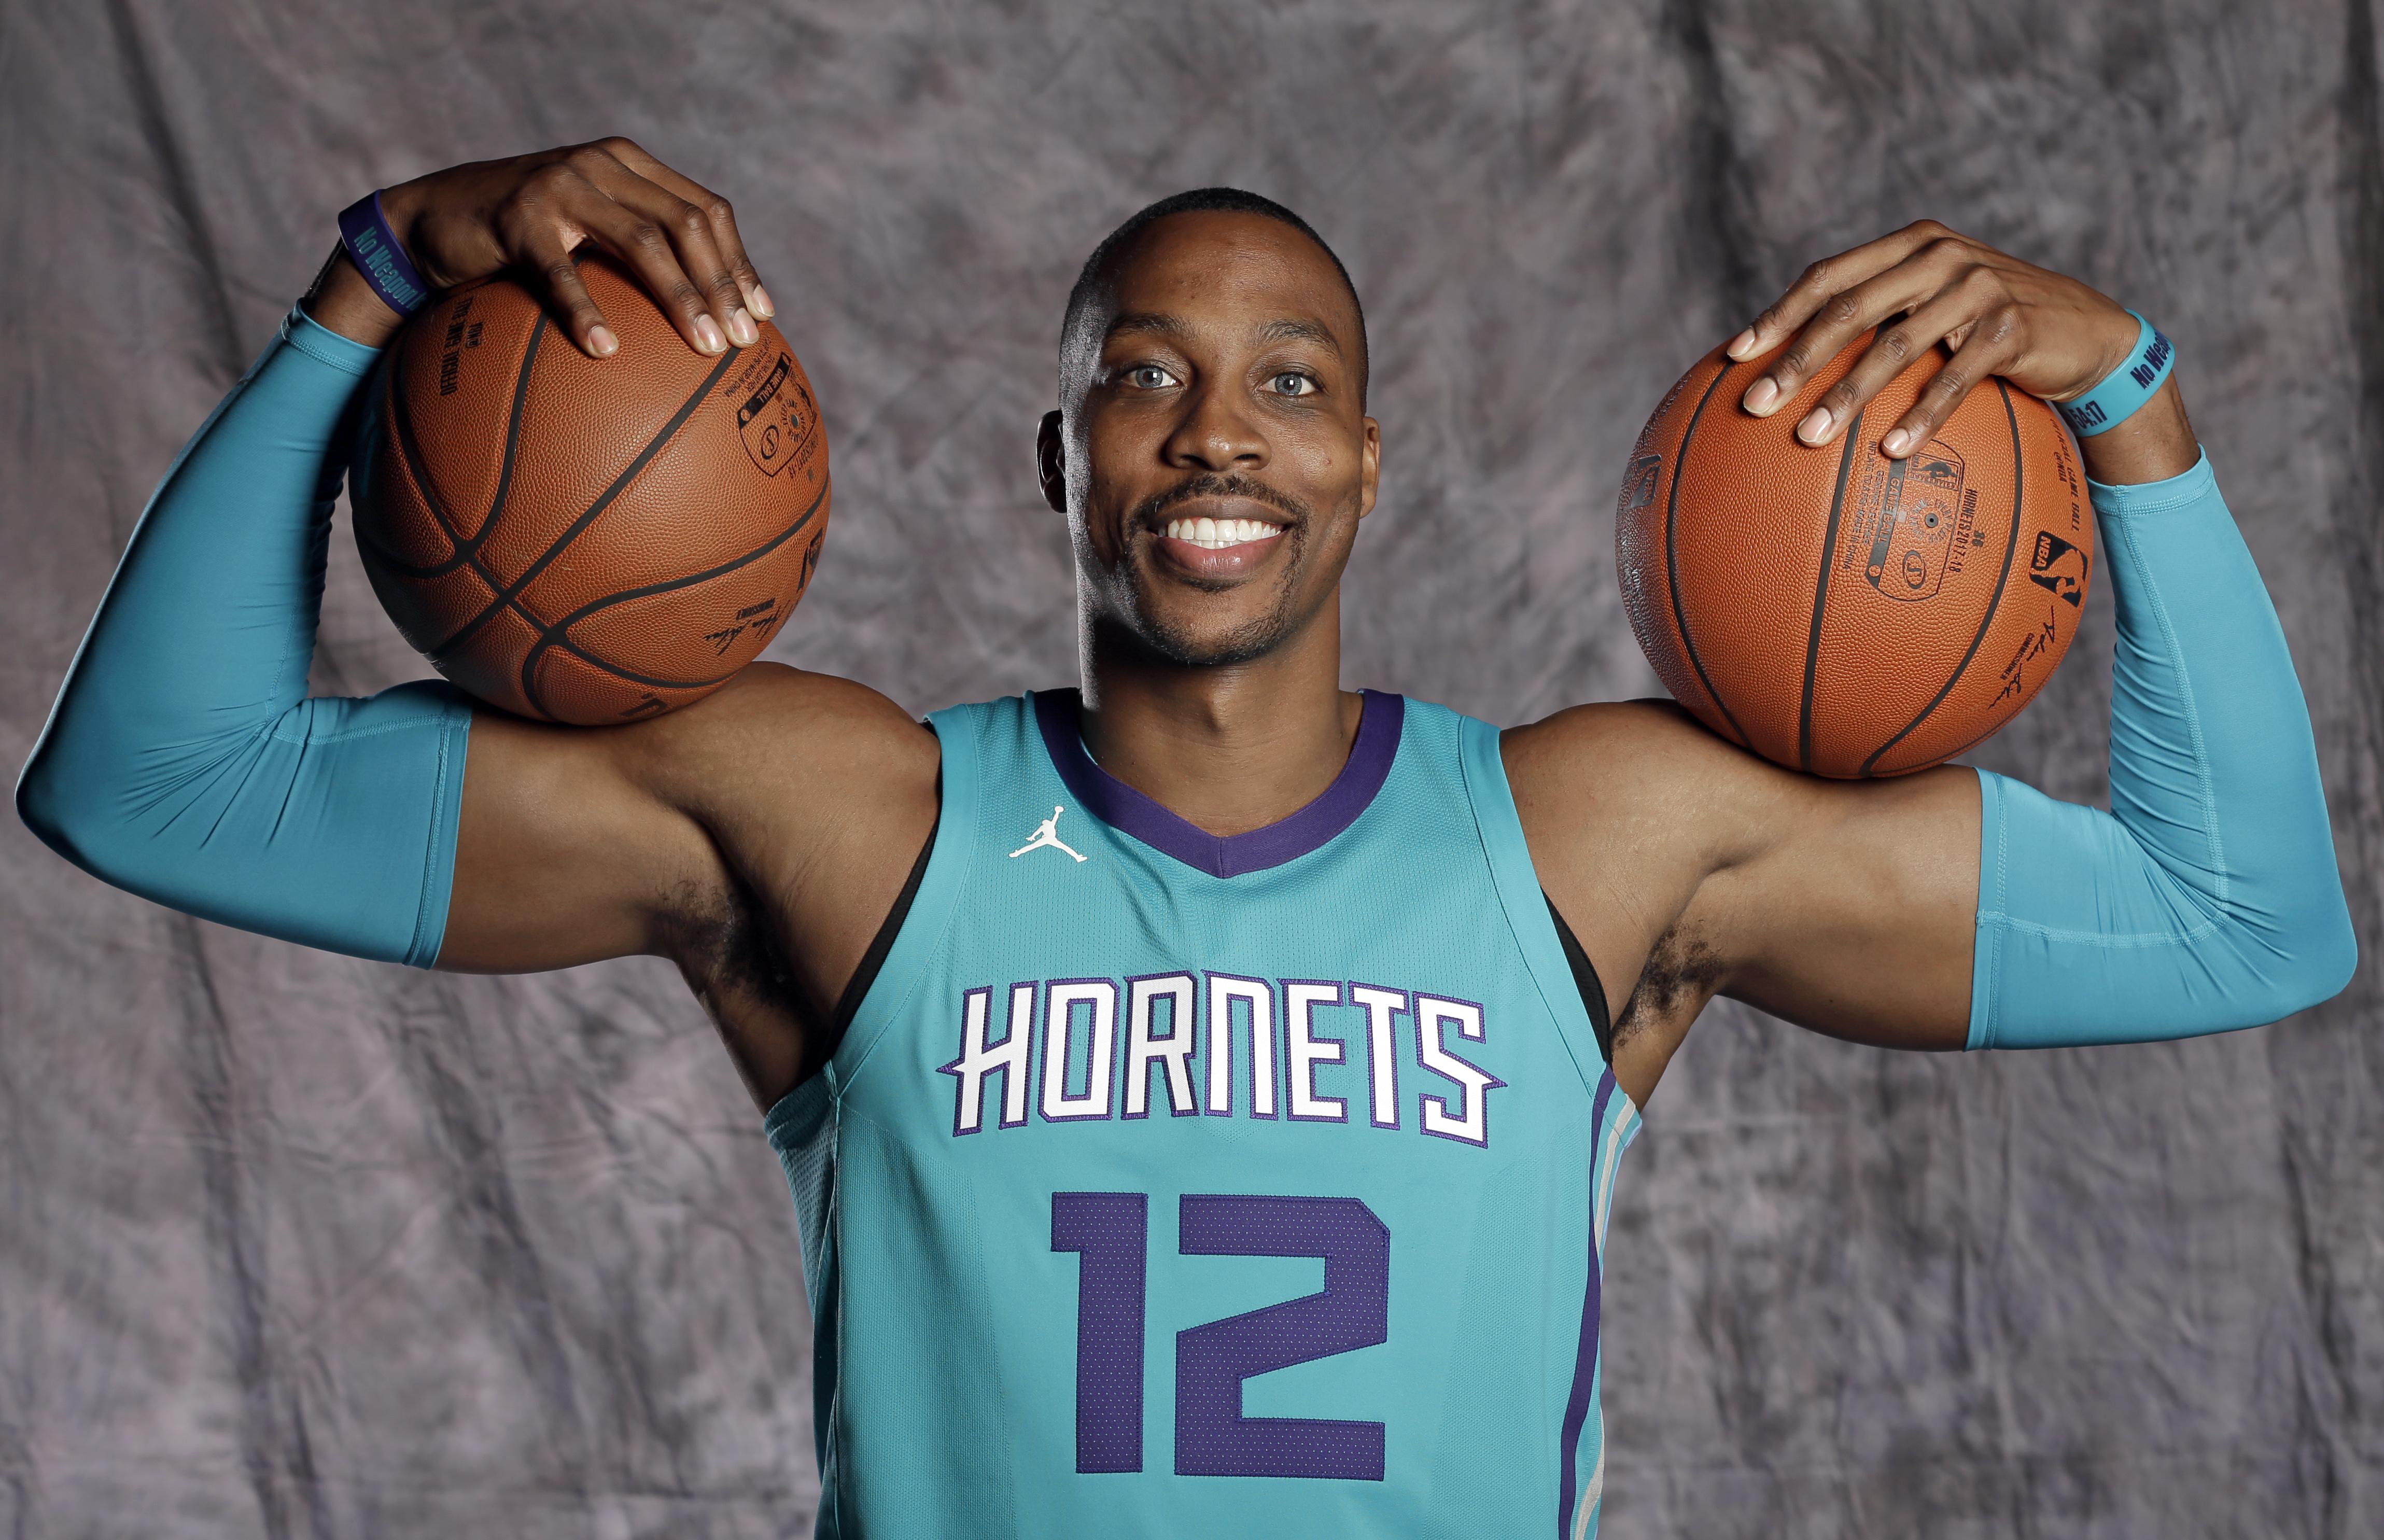 Hornets_media_day_basketball_58946